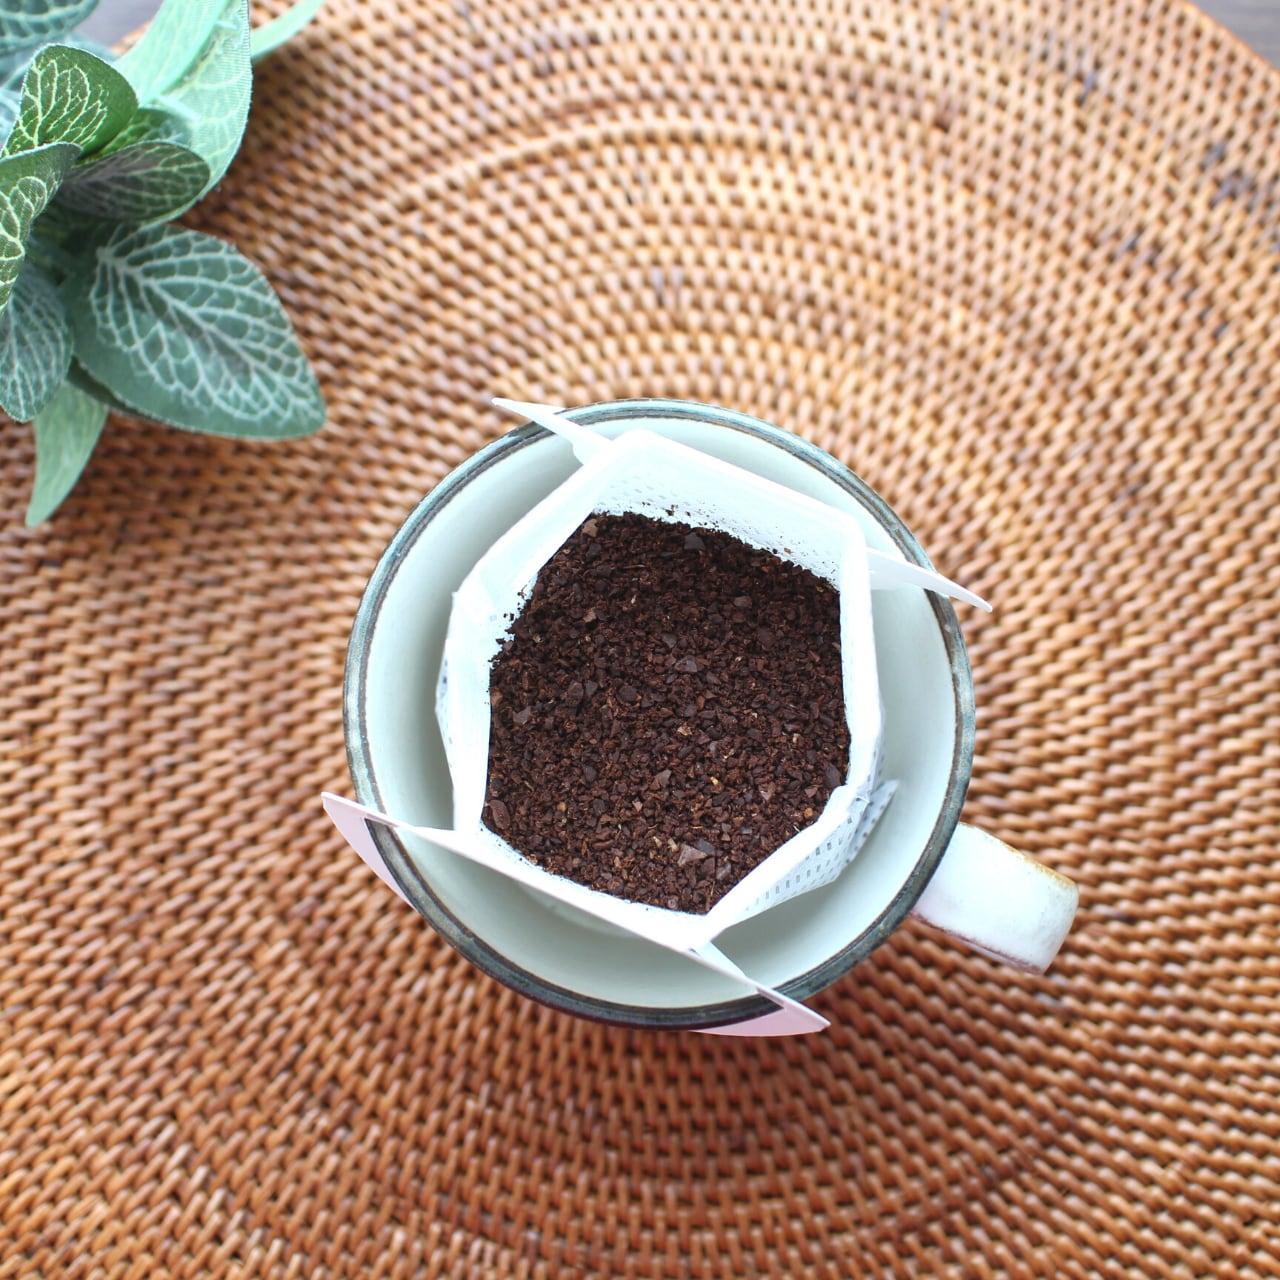 カフェインレス ドリップバッグ 10個入り ★お好きなコーヒー豆を選んでください★